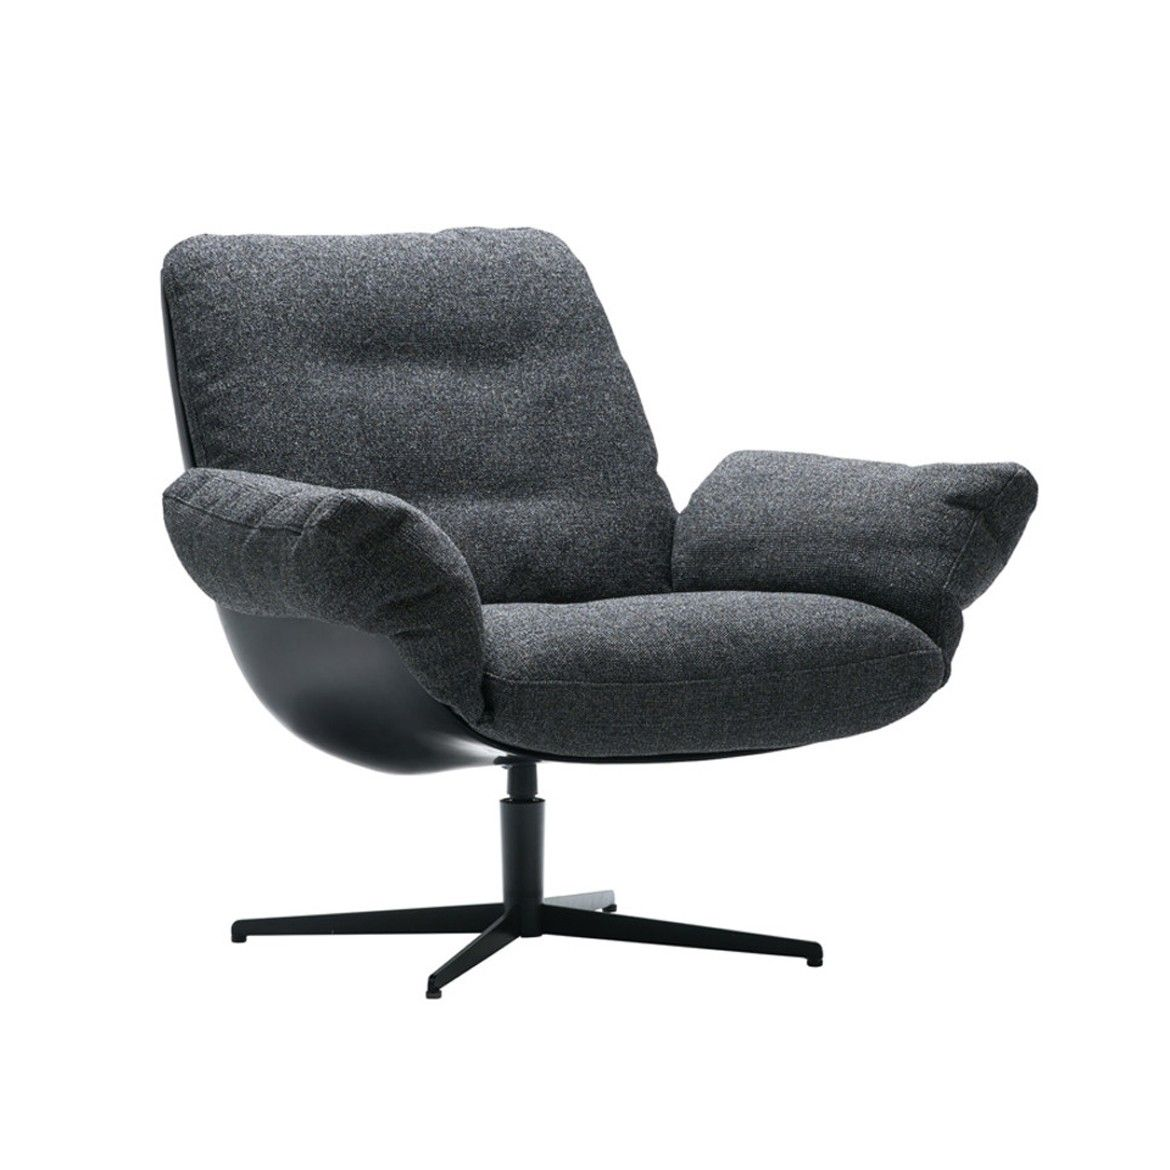 Schwenk Sessel Mit Hocker Sofa Und Drehstuhl Set Kleine Sessel Für  Wohnzimmer Sehr Drehstuhl Drehsessel Sessel